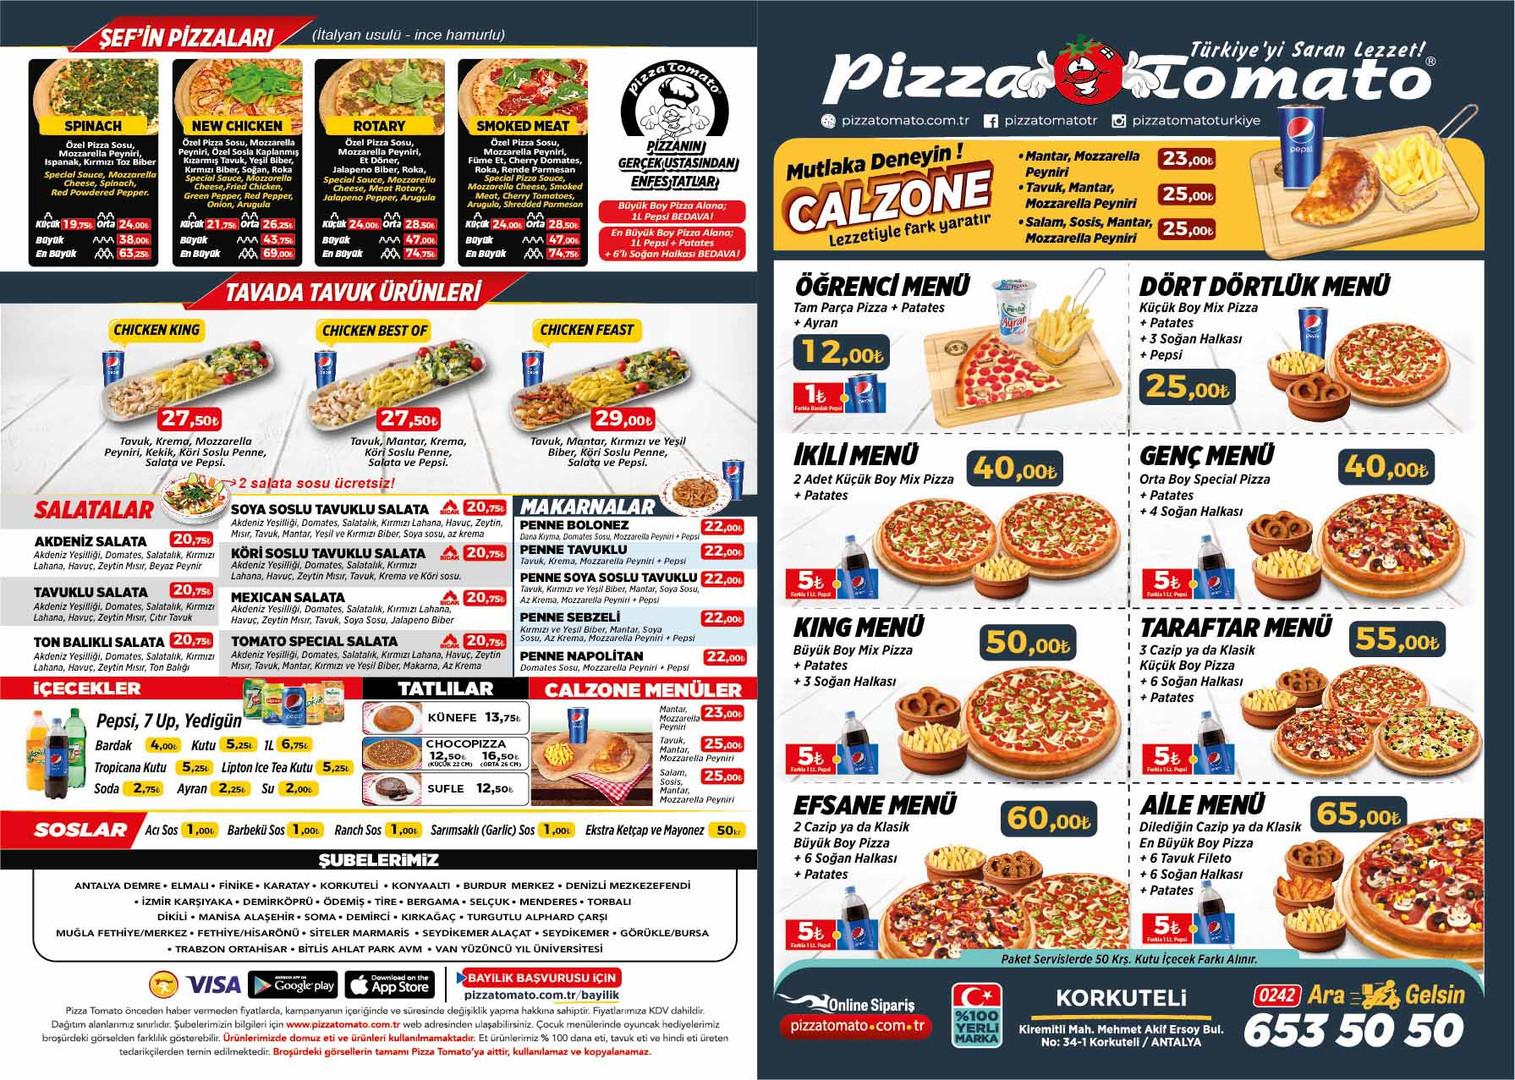 pizza tomato korkuteli menu